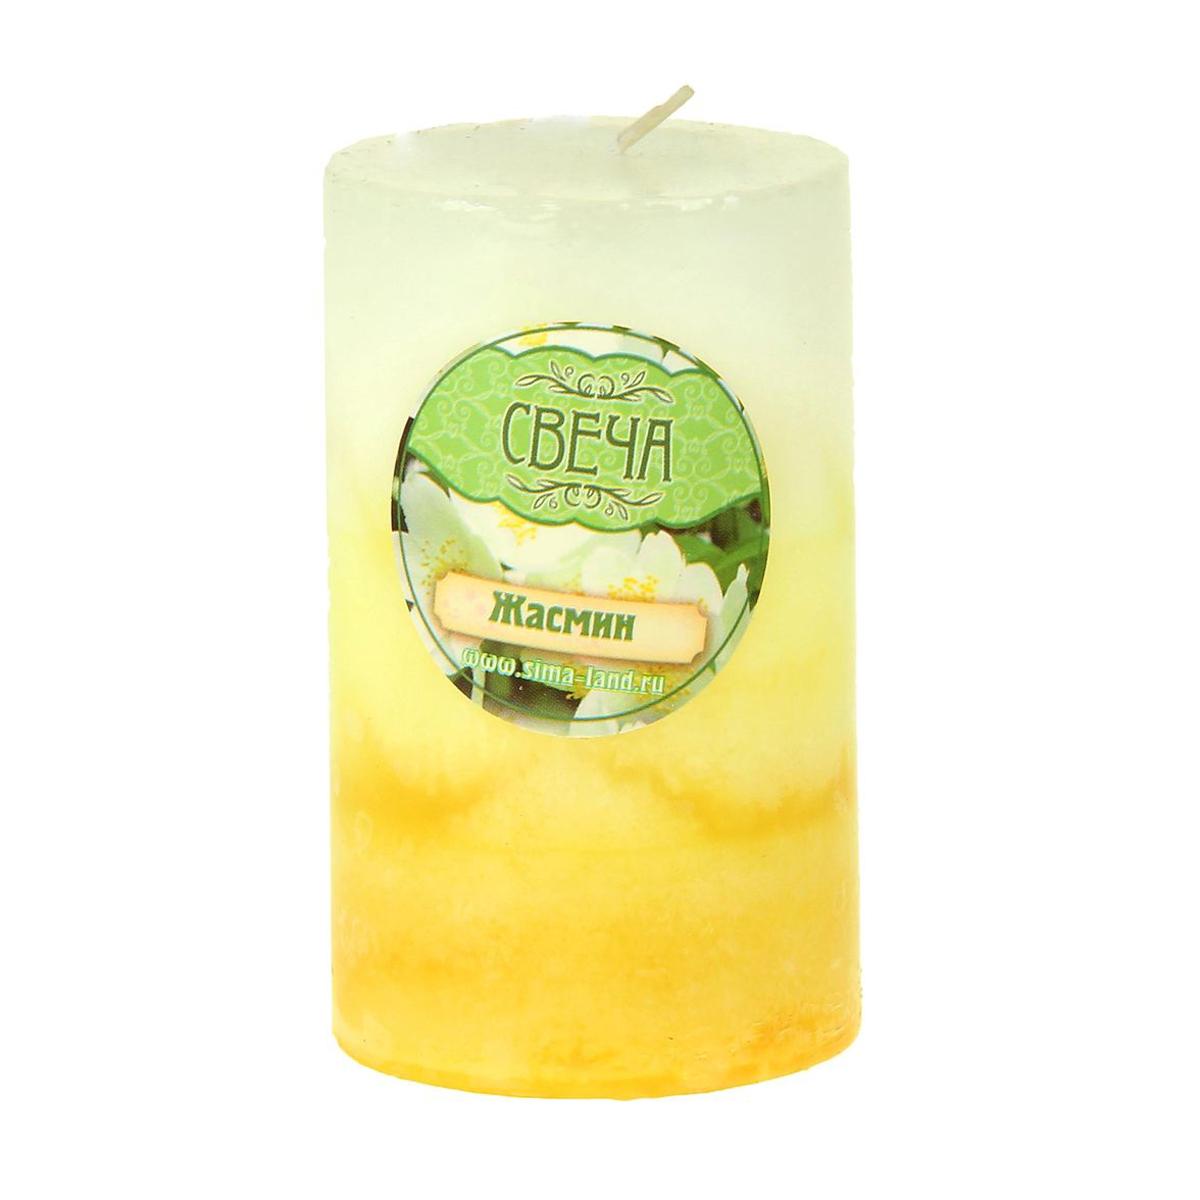 Свеча ароматизированная Sima-land Жасмин, высота 7,5 см. 907665 свеча ароматизированная sima land океан высота 4 см